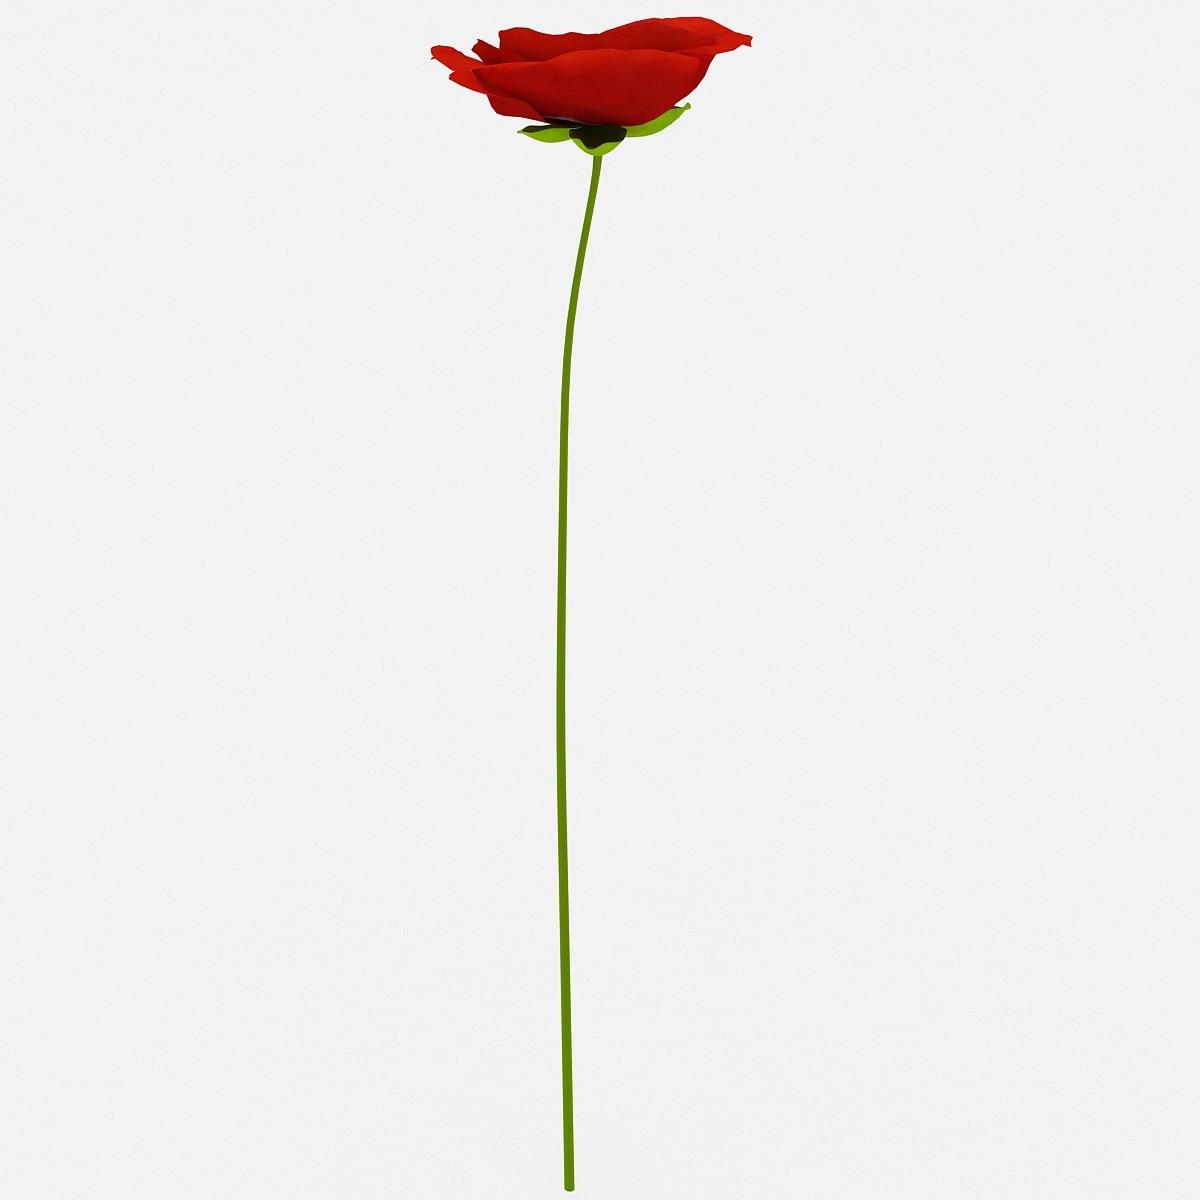 3d red poppy flower